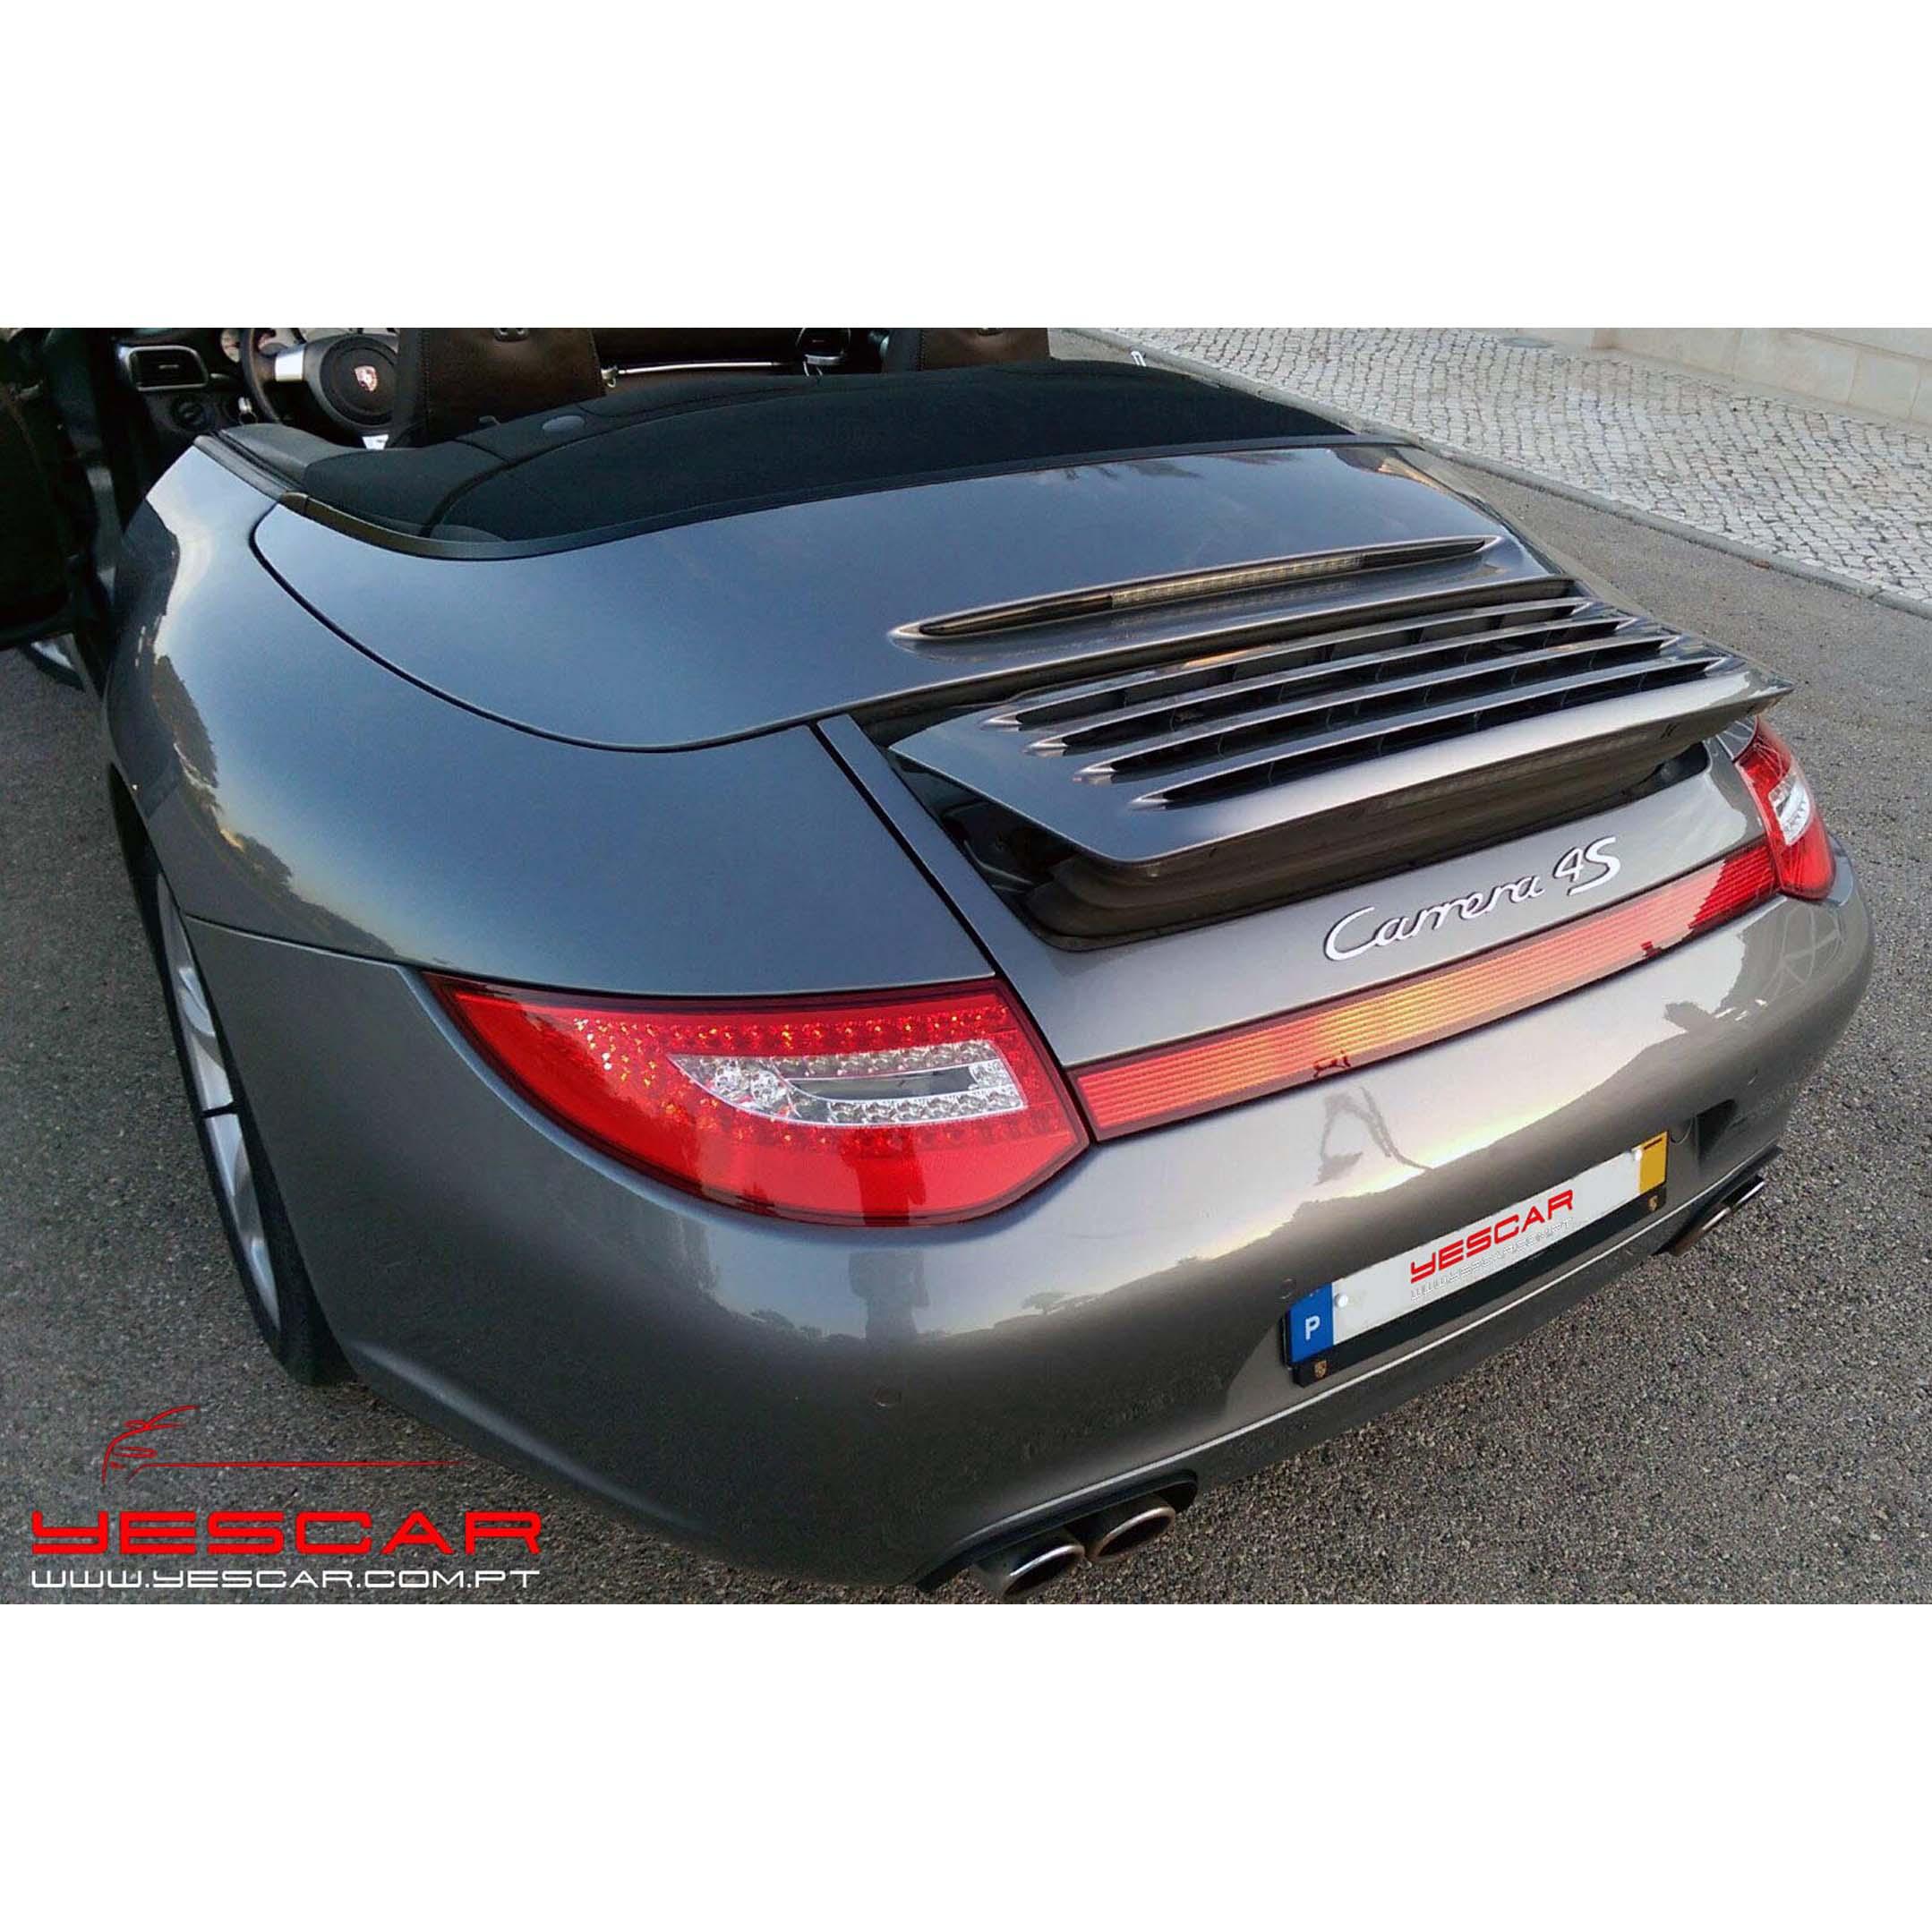 YESCAR_Porsche_911 (15)